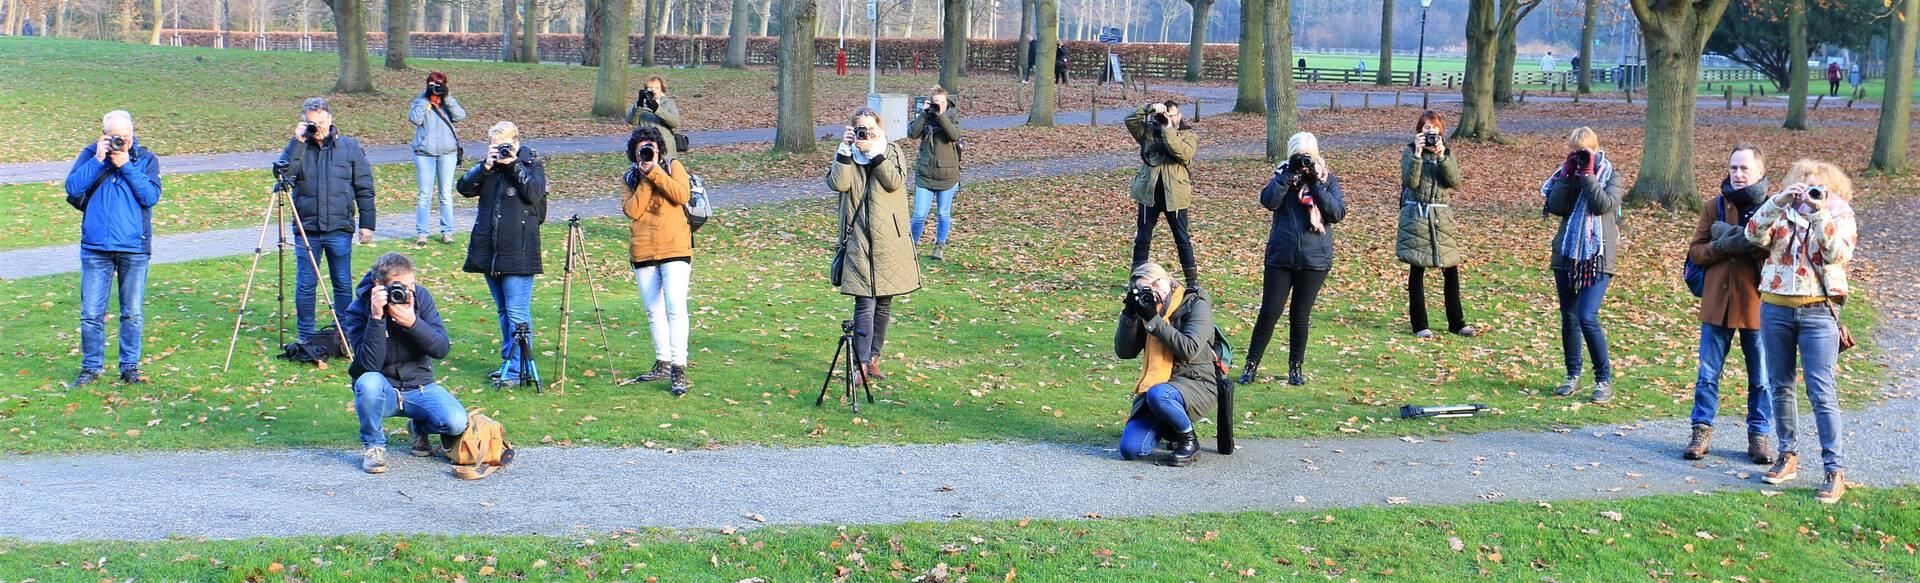 Volledig programma bij Fotocursus Westland